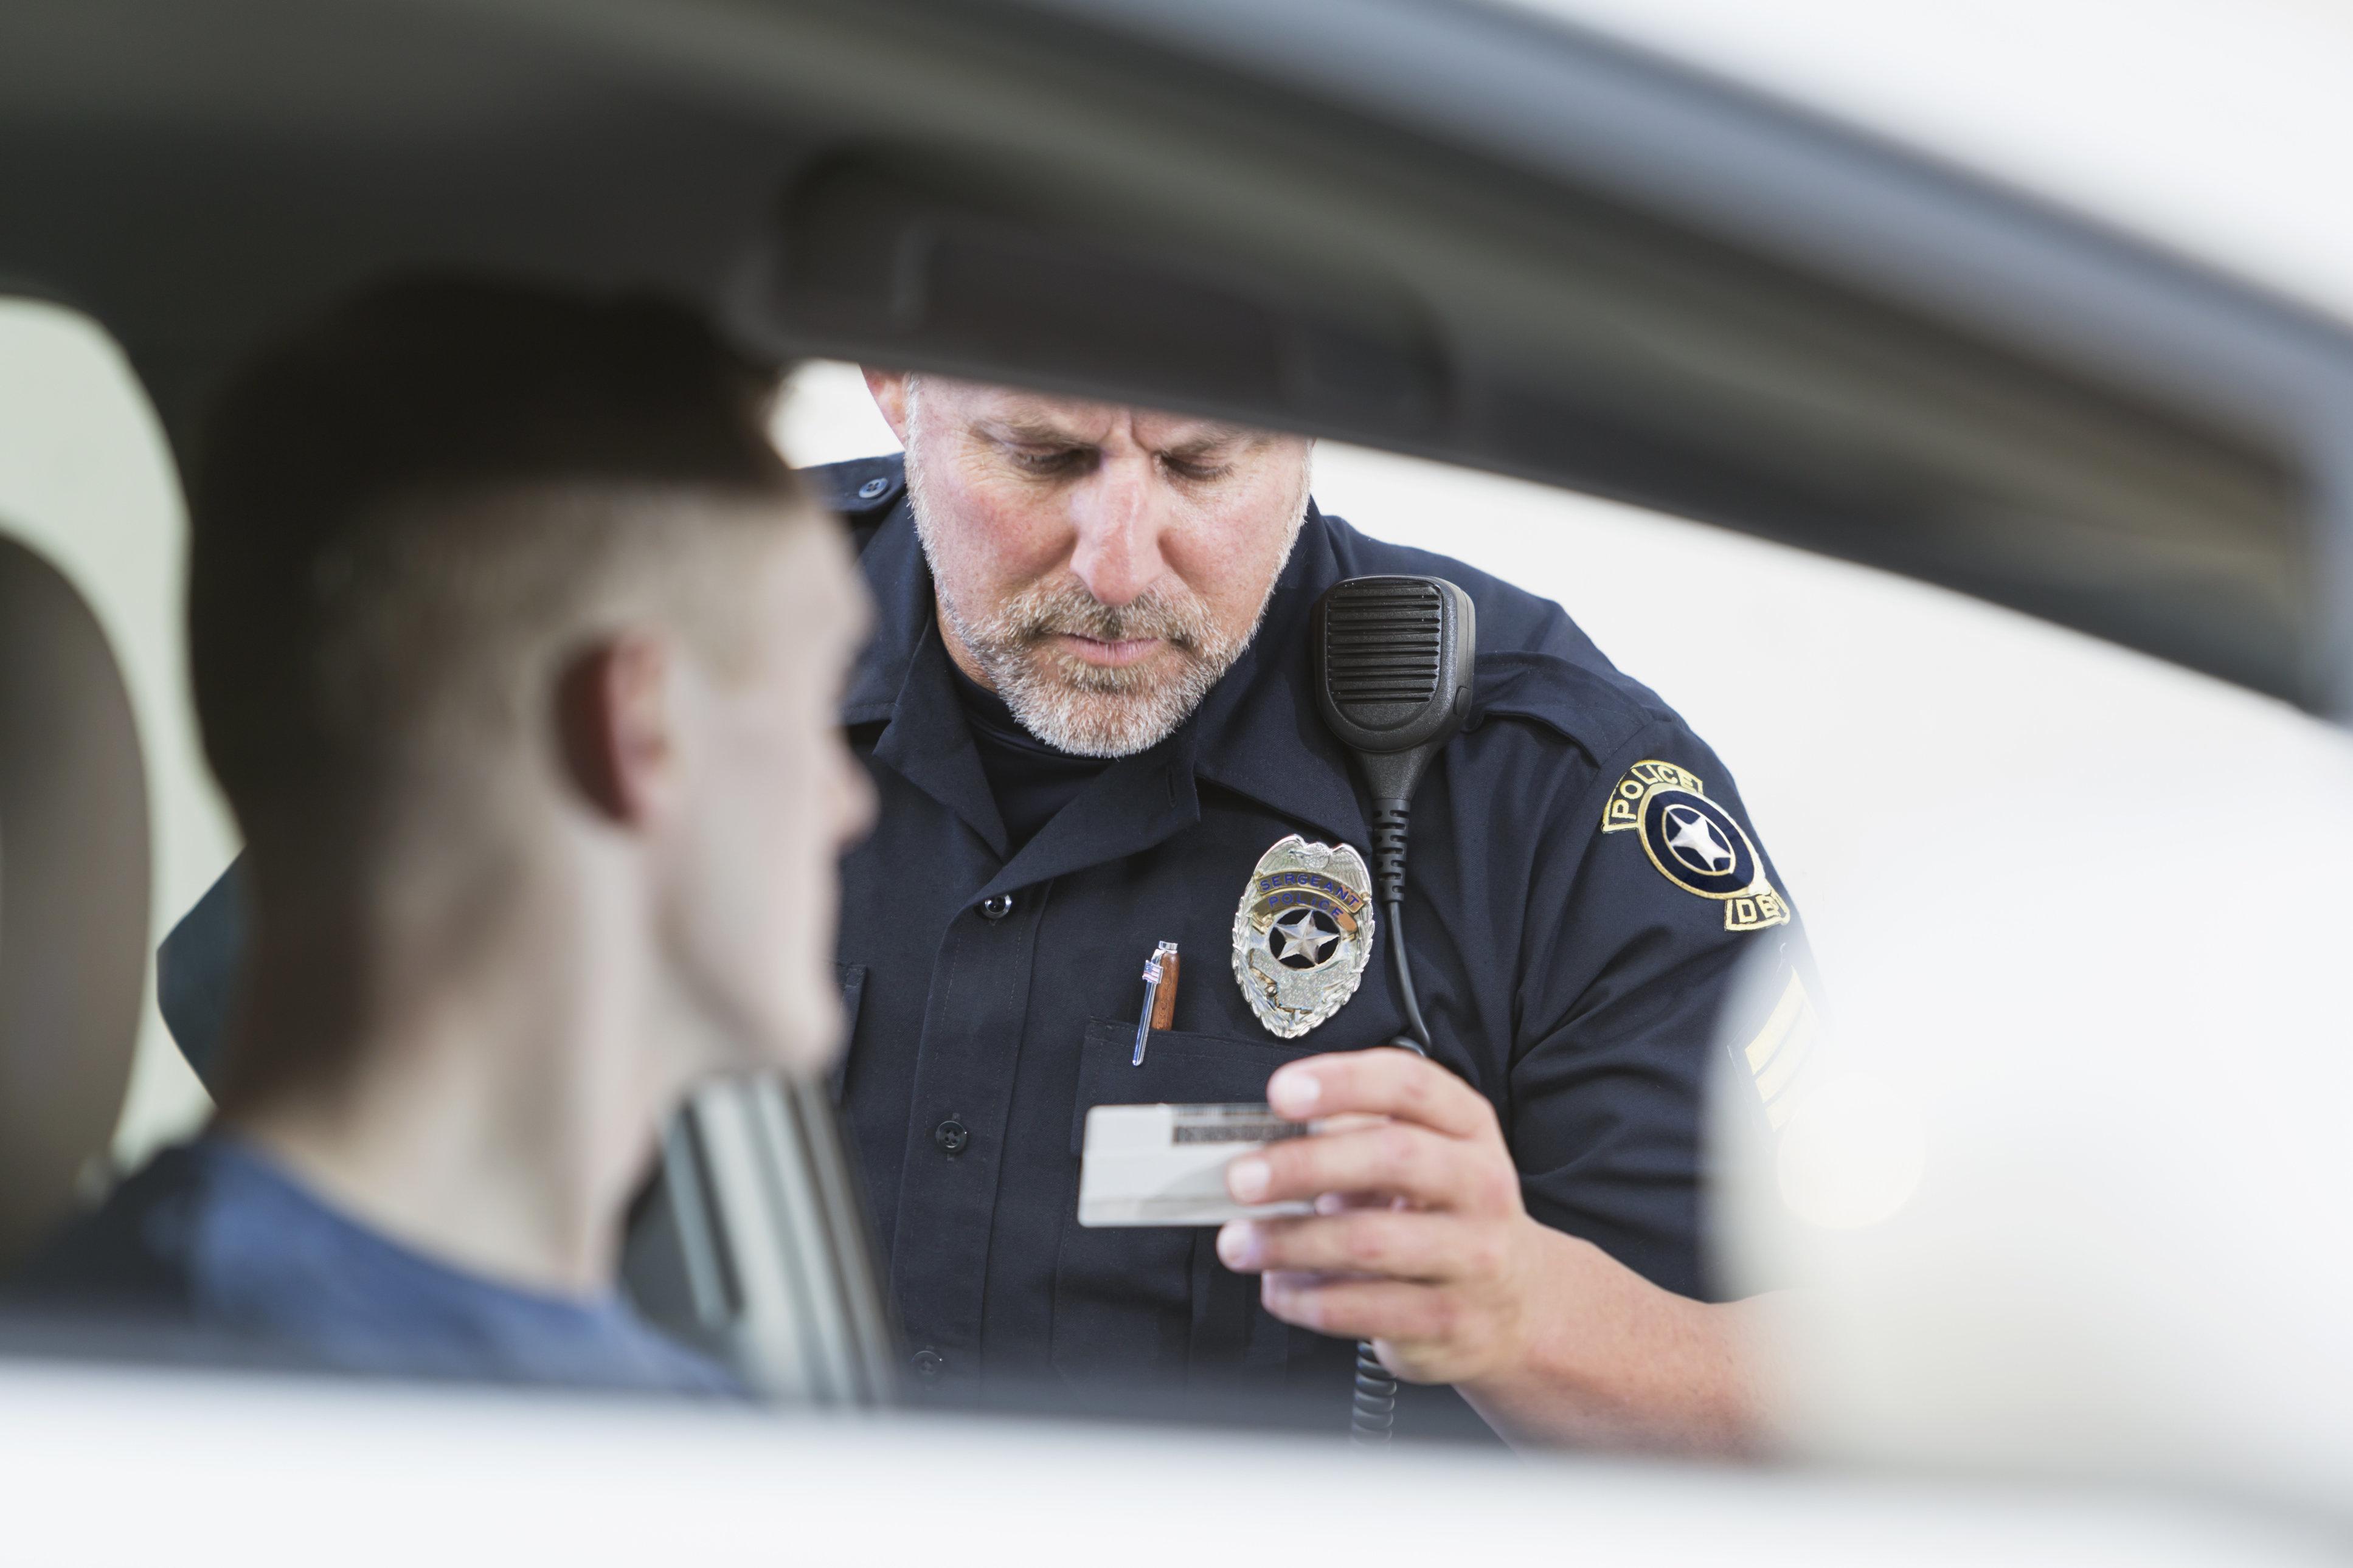 Polizei verlangt Führerschein von Fahrer – der zeigt den Beamten DAS